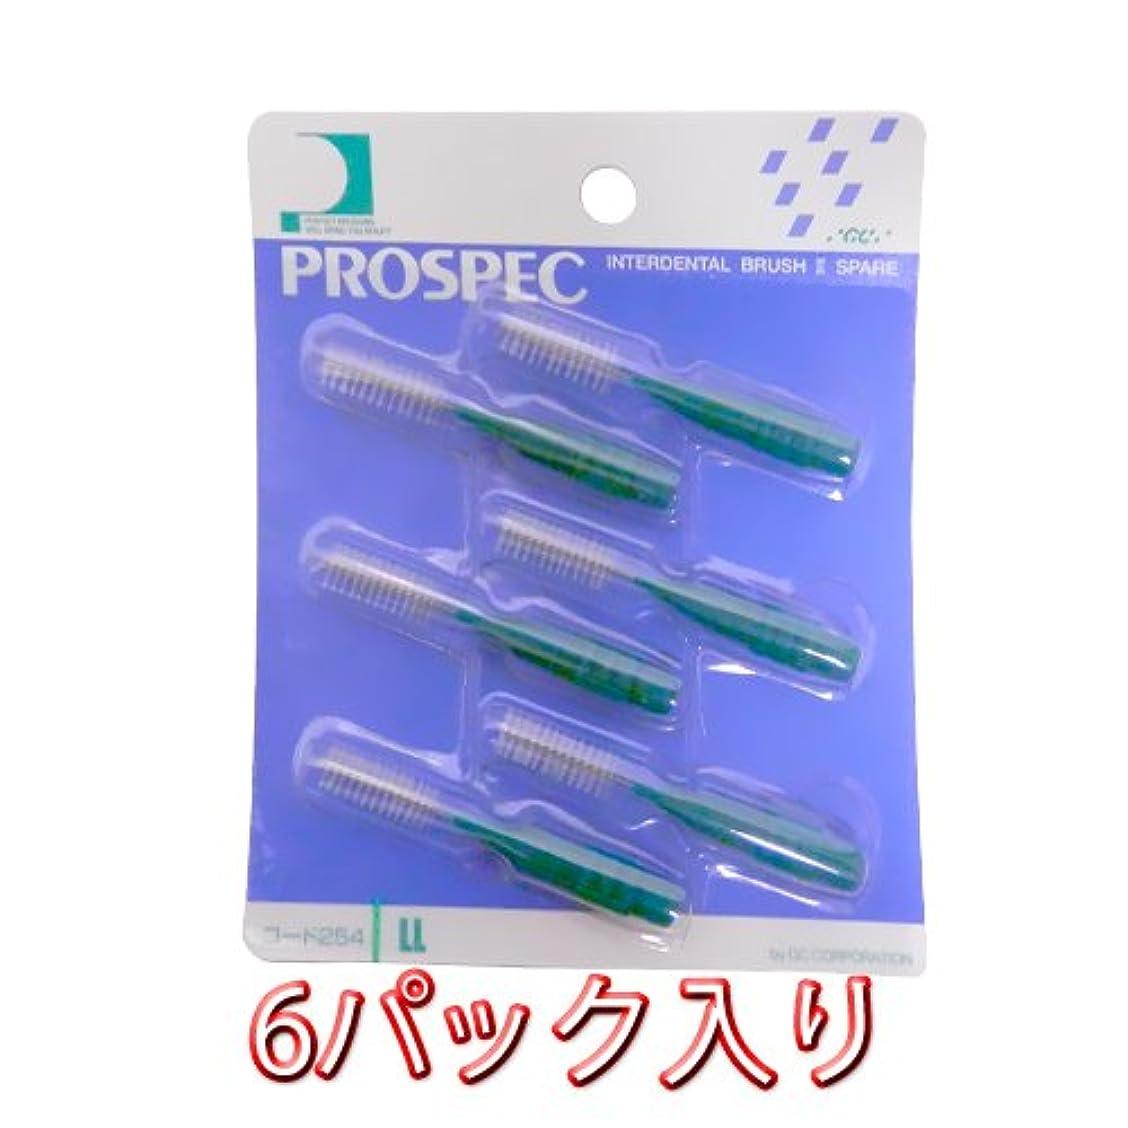 ソース意味する施しプロスペック 歯間ブラシ 2スペアー ブラシのみ6本入 × 6パック LL グリーン